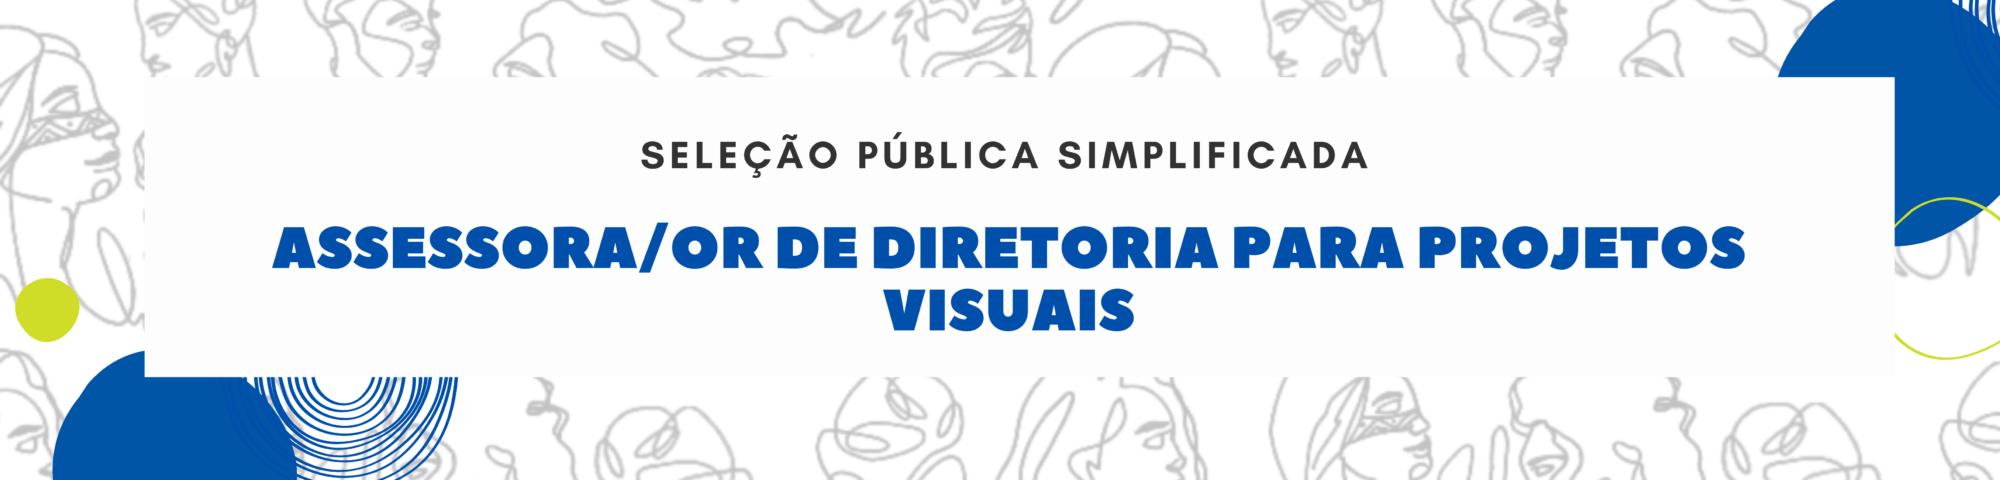 Seleção assessor projetos visuais